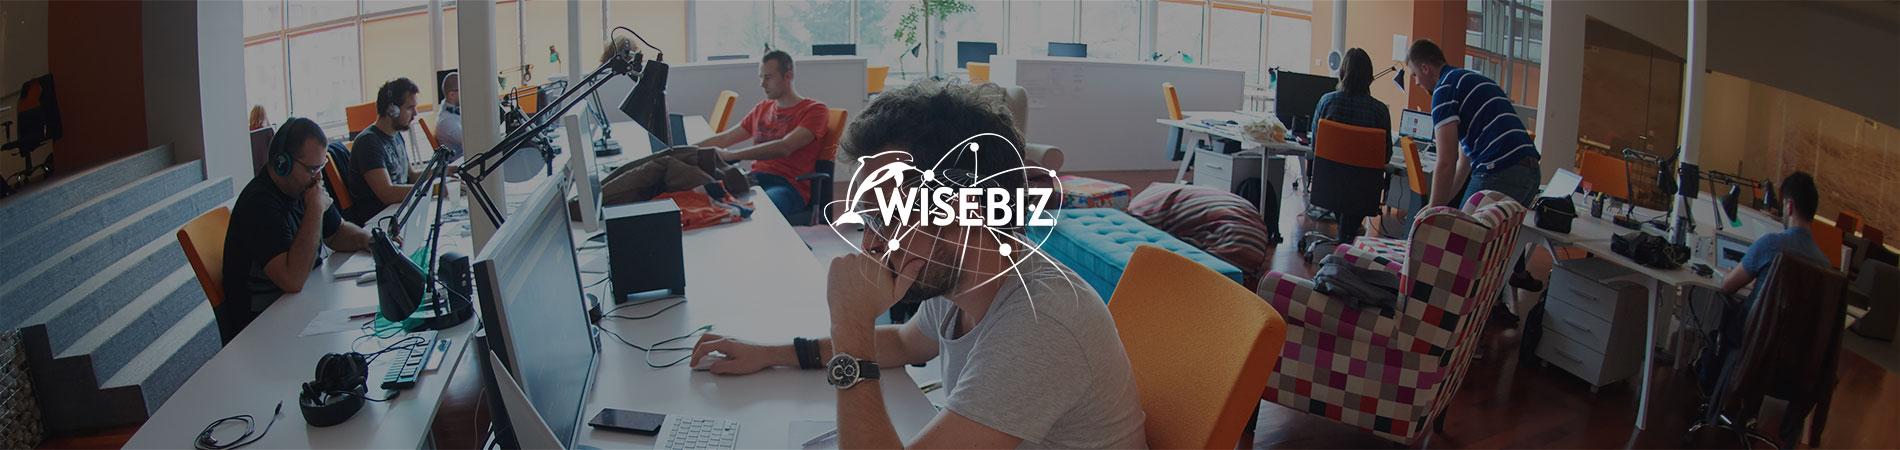 Contact_WiseBiz_Header2_1900